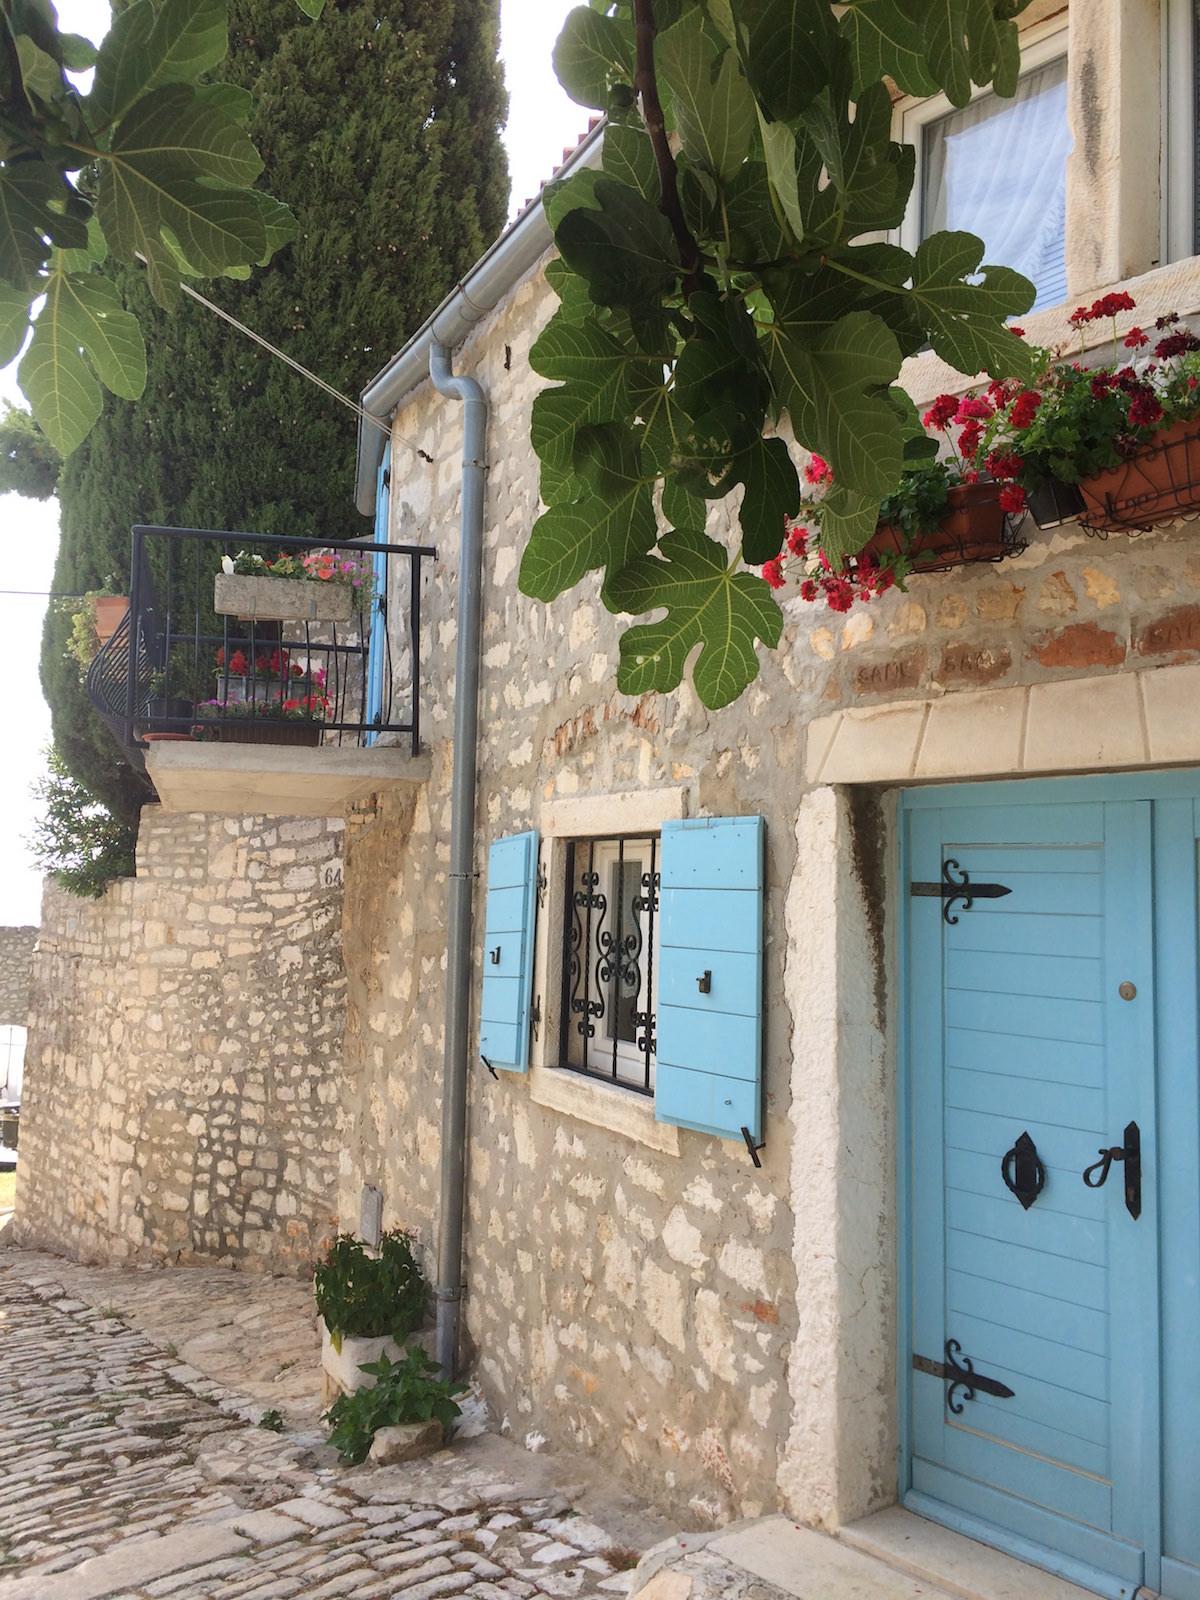 Croatia stone houses.JPG